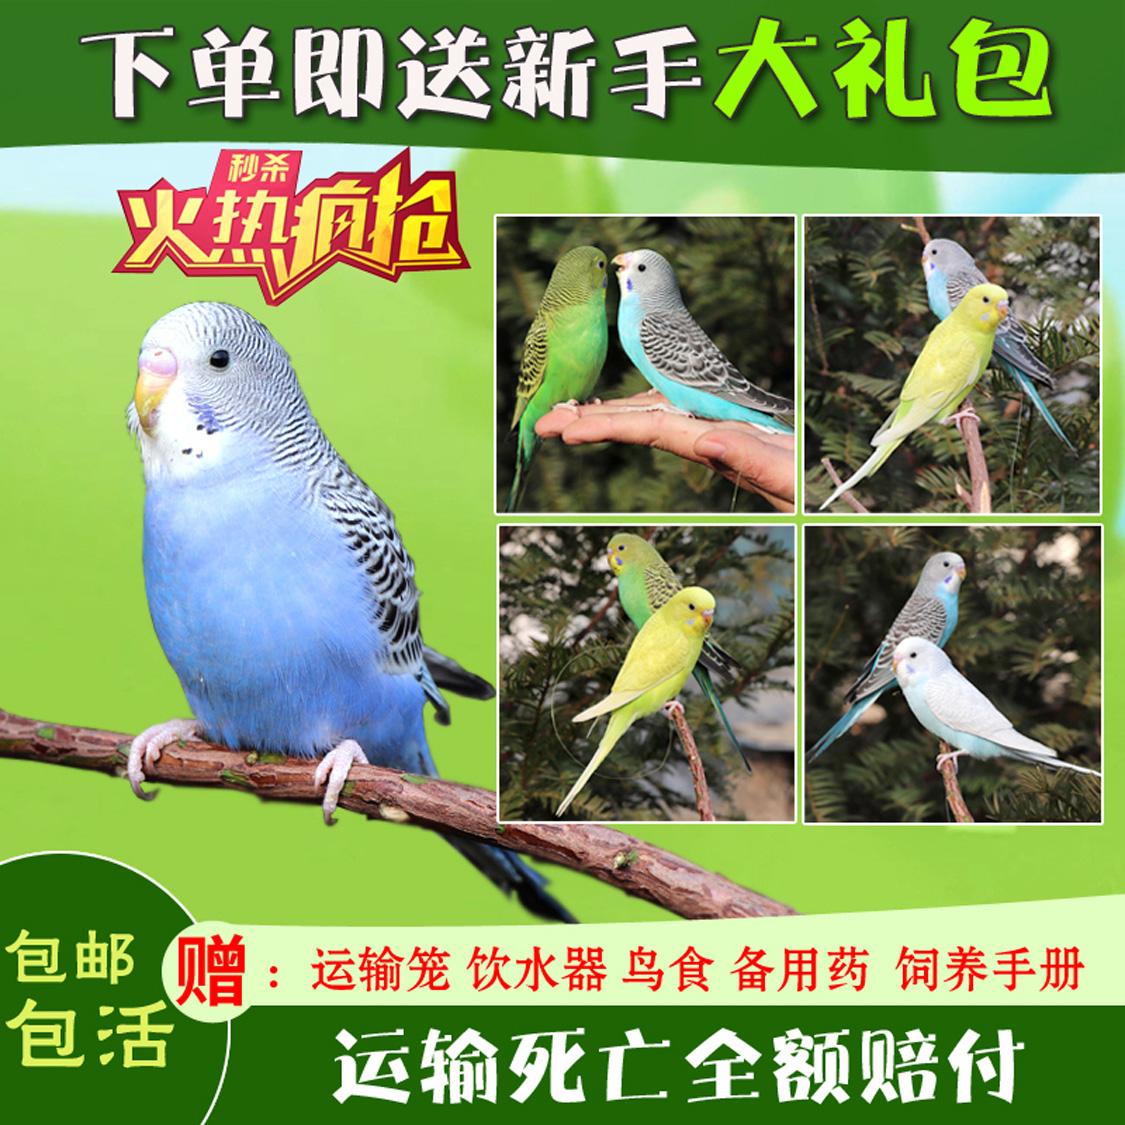 鹦鹉活鸟鸟活物玄风云斑鹦鹉中小型会说话鹦鹉活体物宠物虎皮鹦鹉